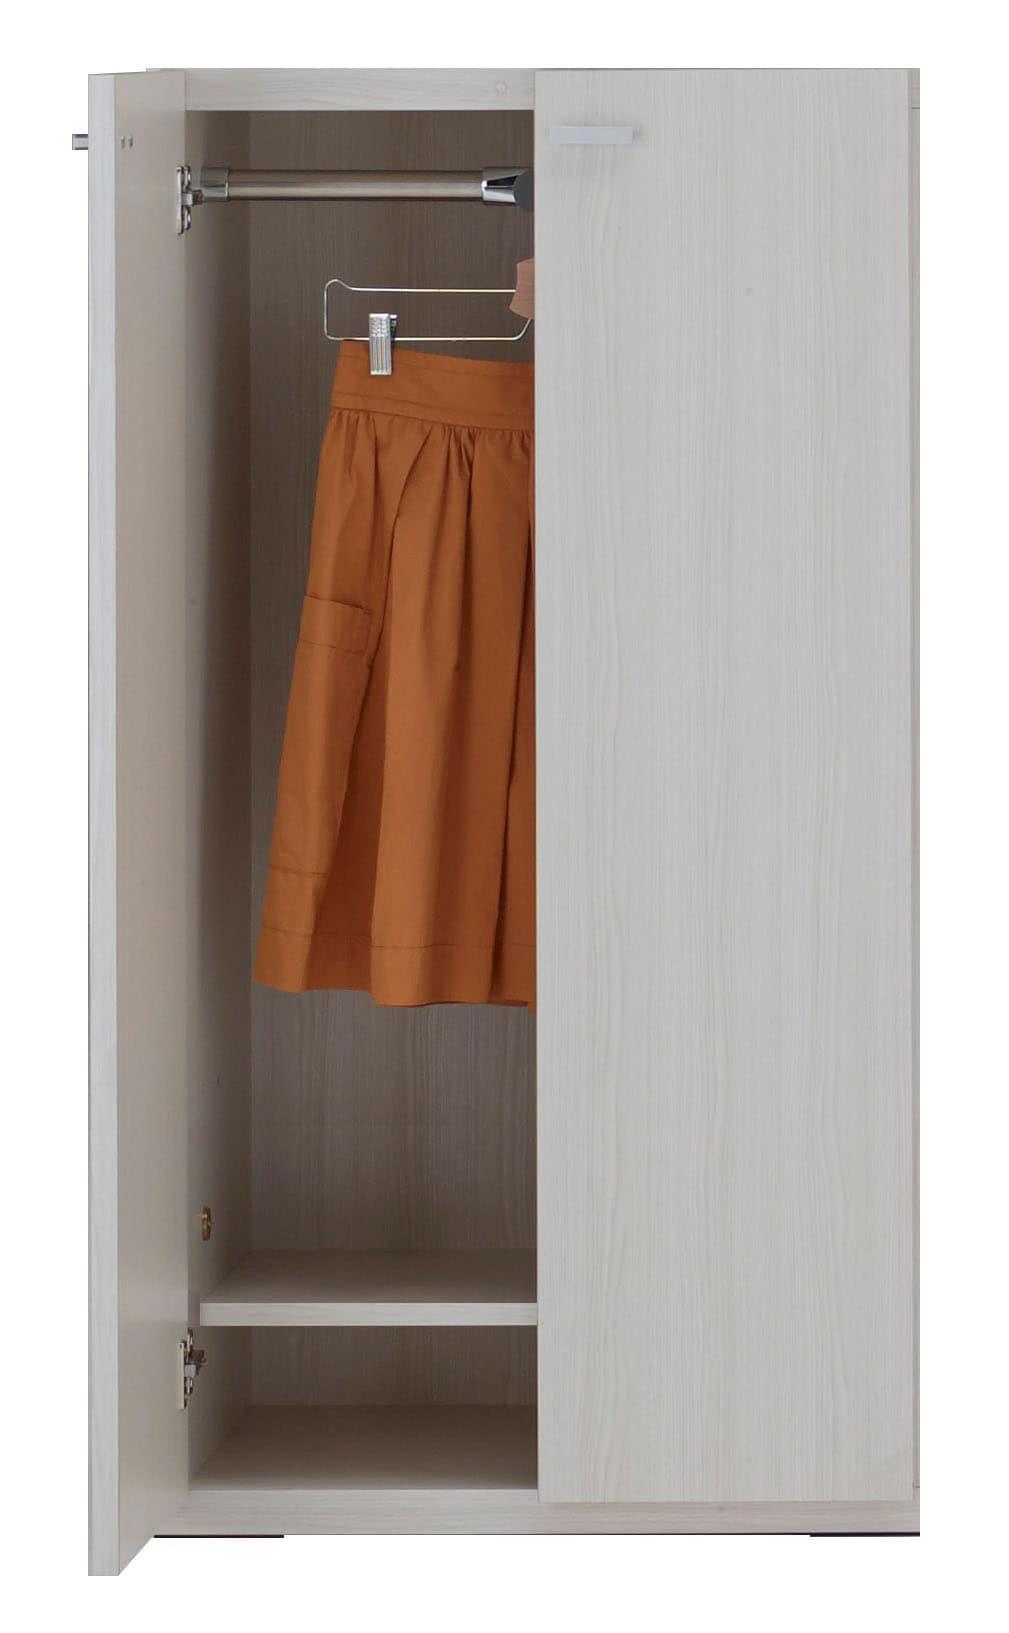 壁面収納 KCS−60洋服扉タイプ(WH)ホワイト:壁面収納 KCS−60洋服扉タイプ(WH)ホワイト